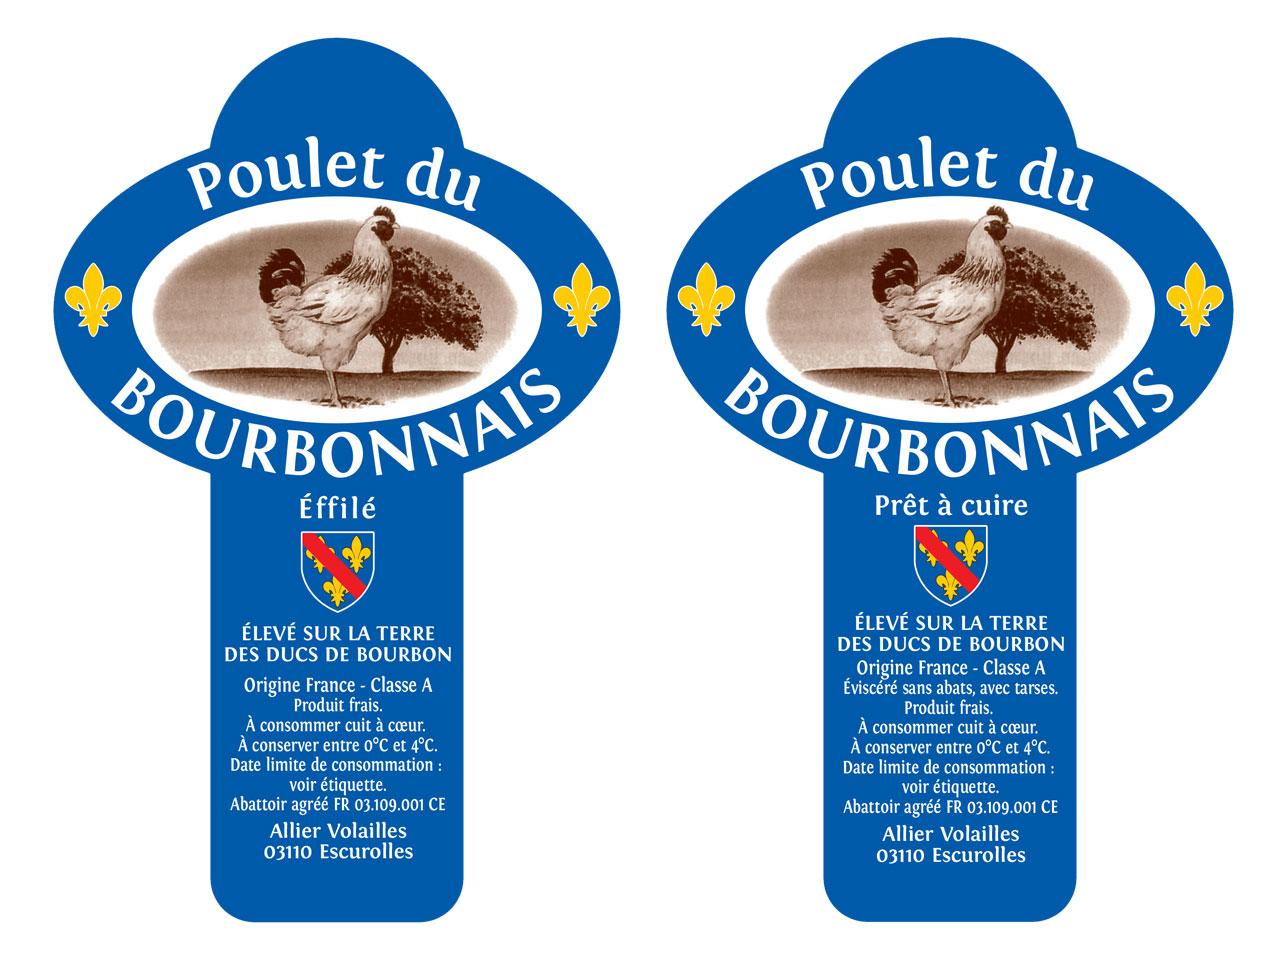 étiquettes du poulet du bourbonnais